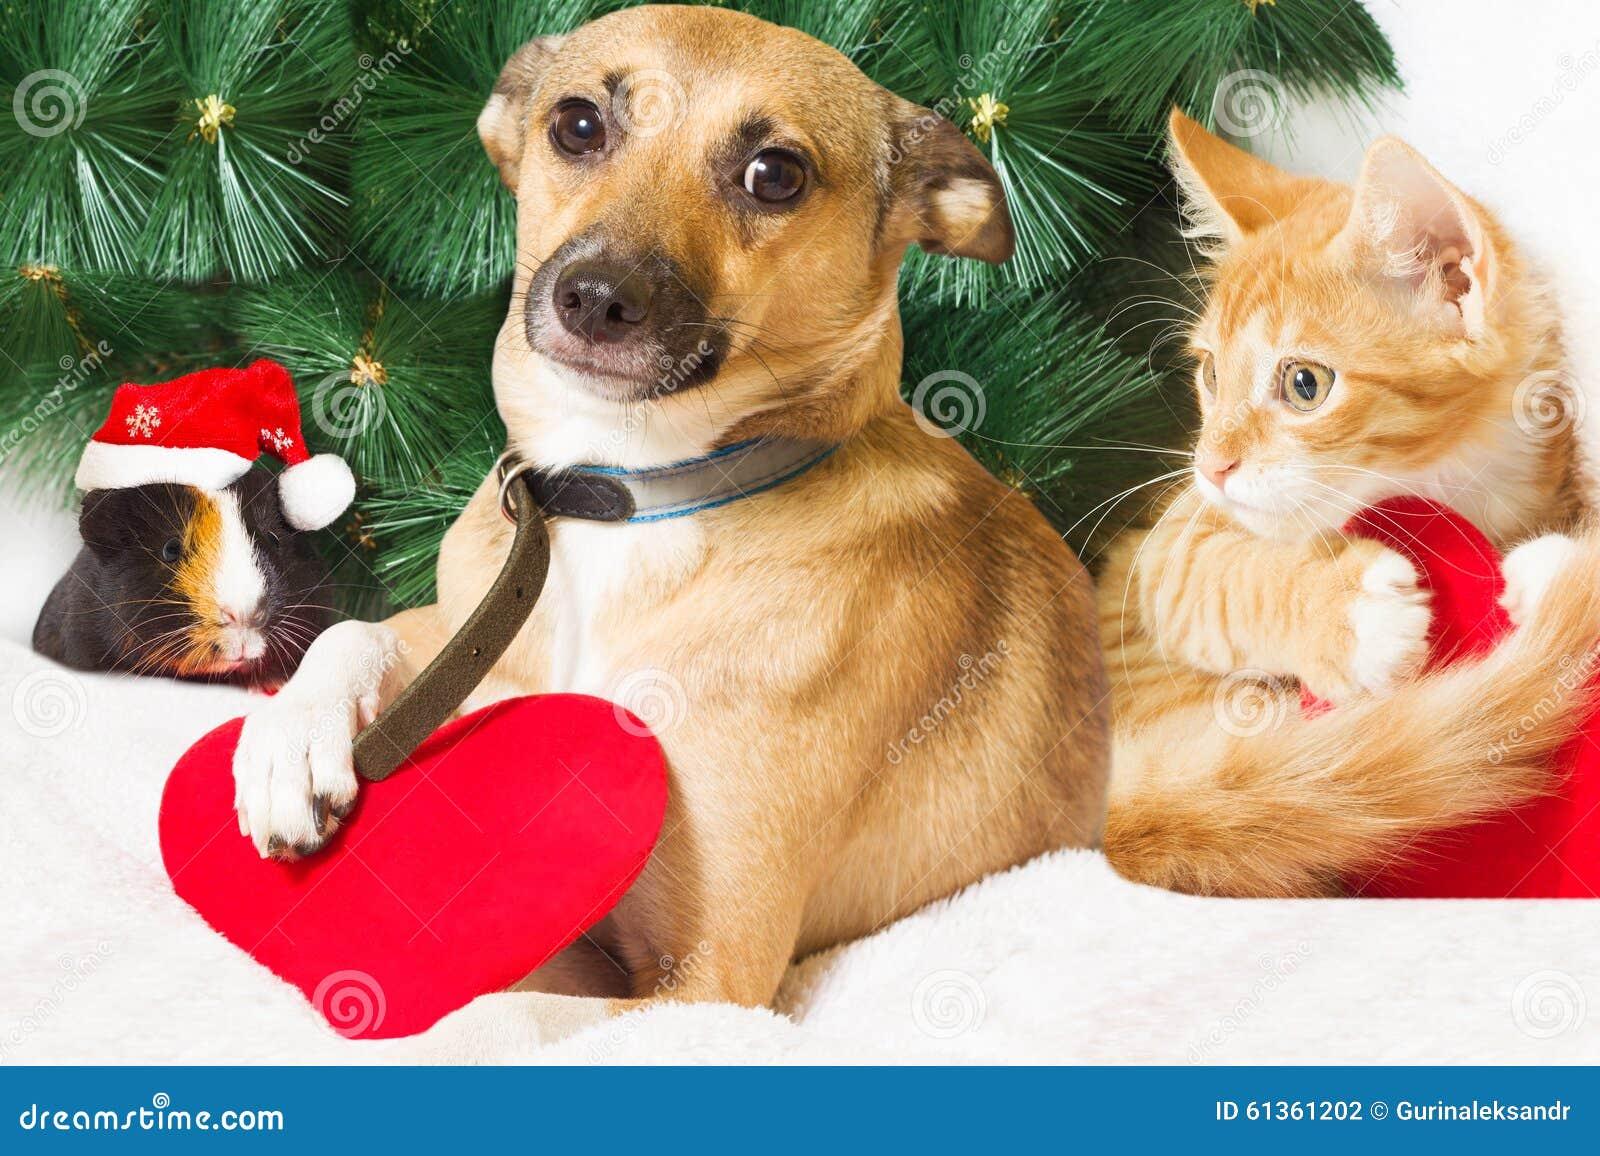 Weihnachten und Haustiere